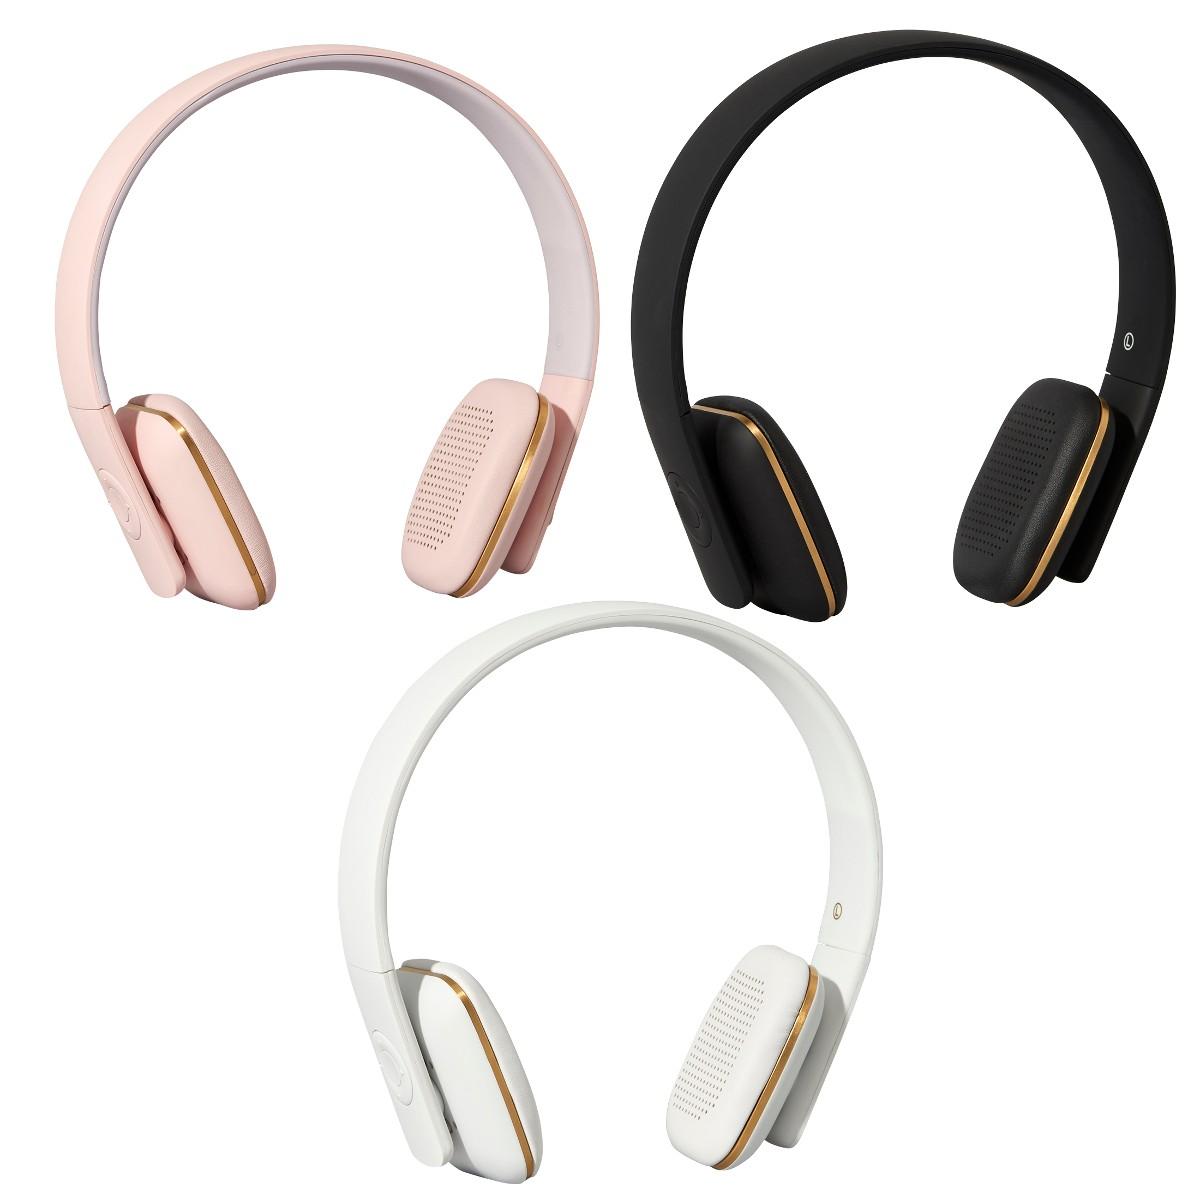 AHEAD - bezprzewodowe słuchawki